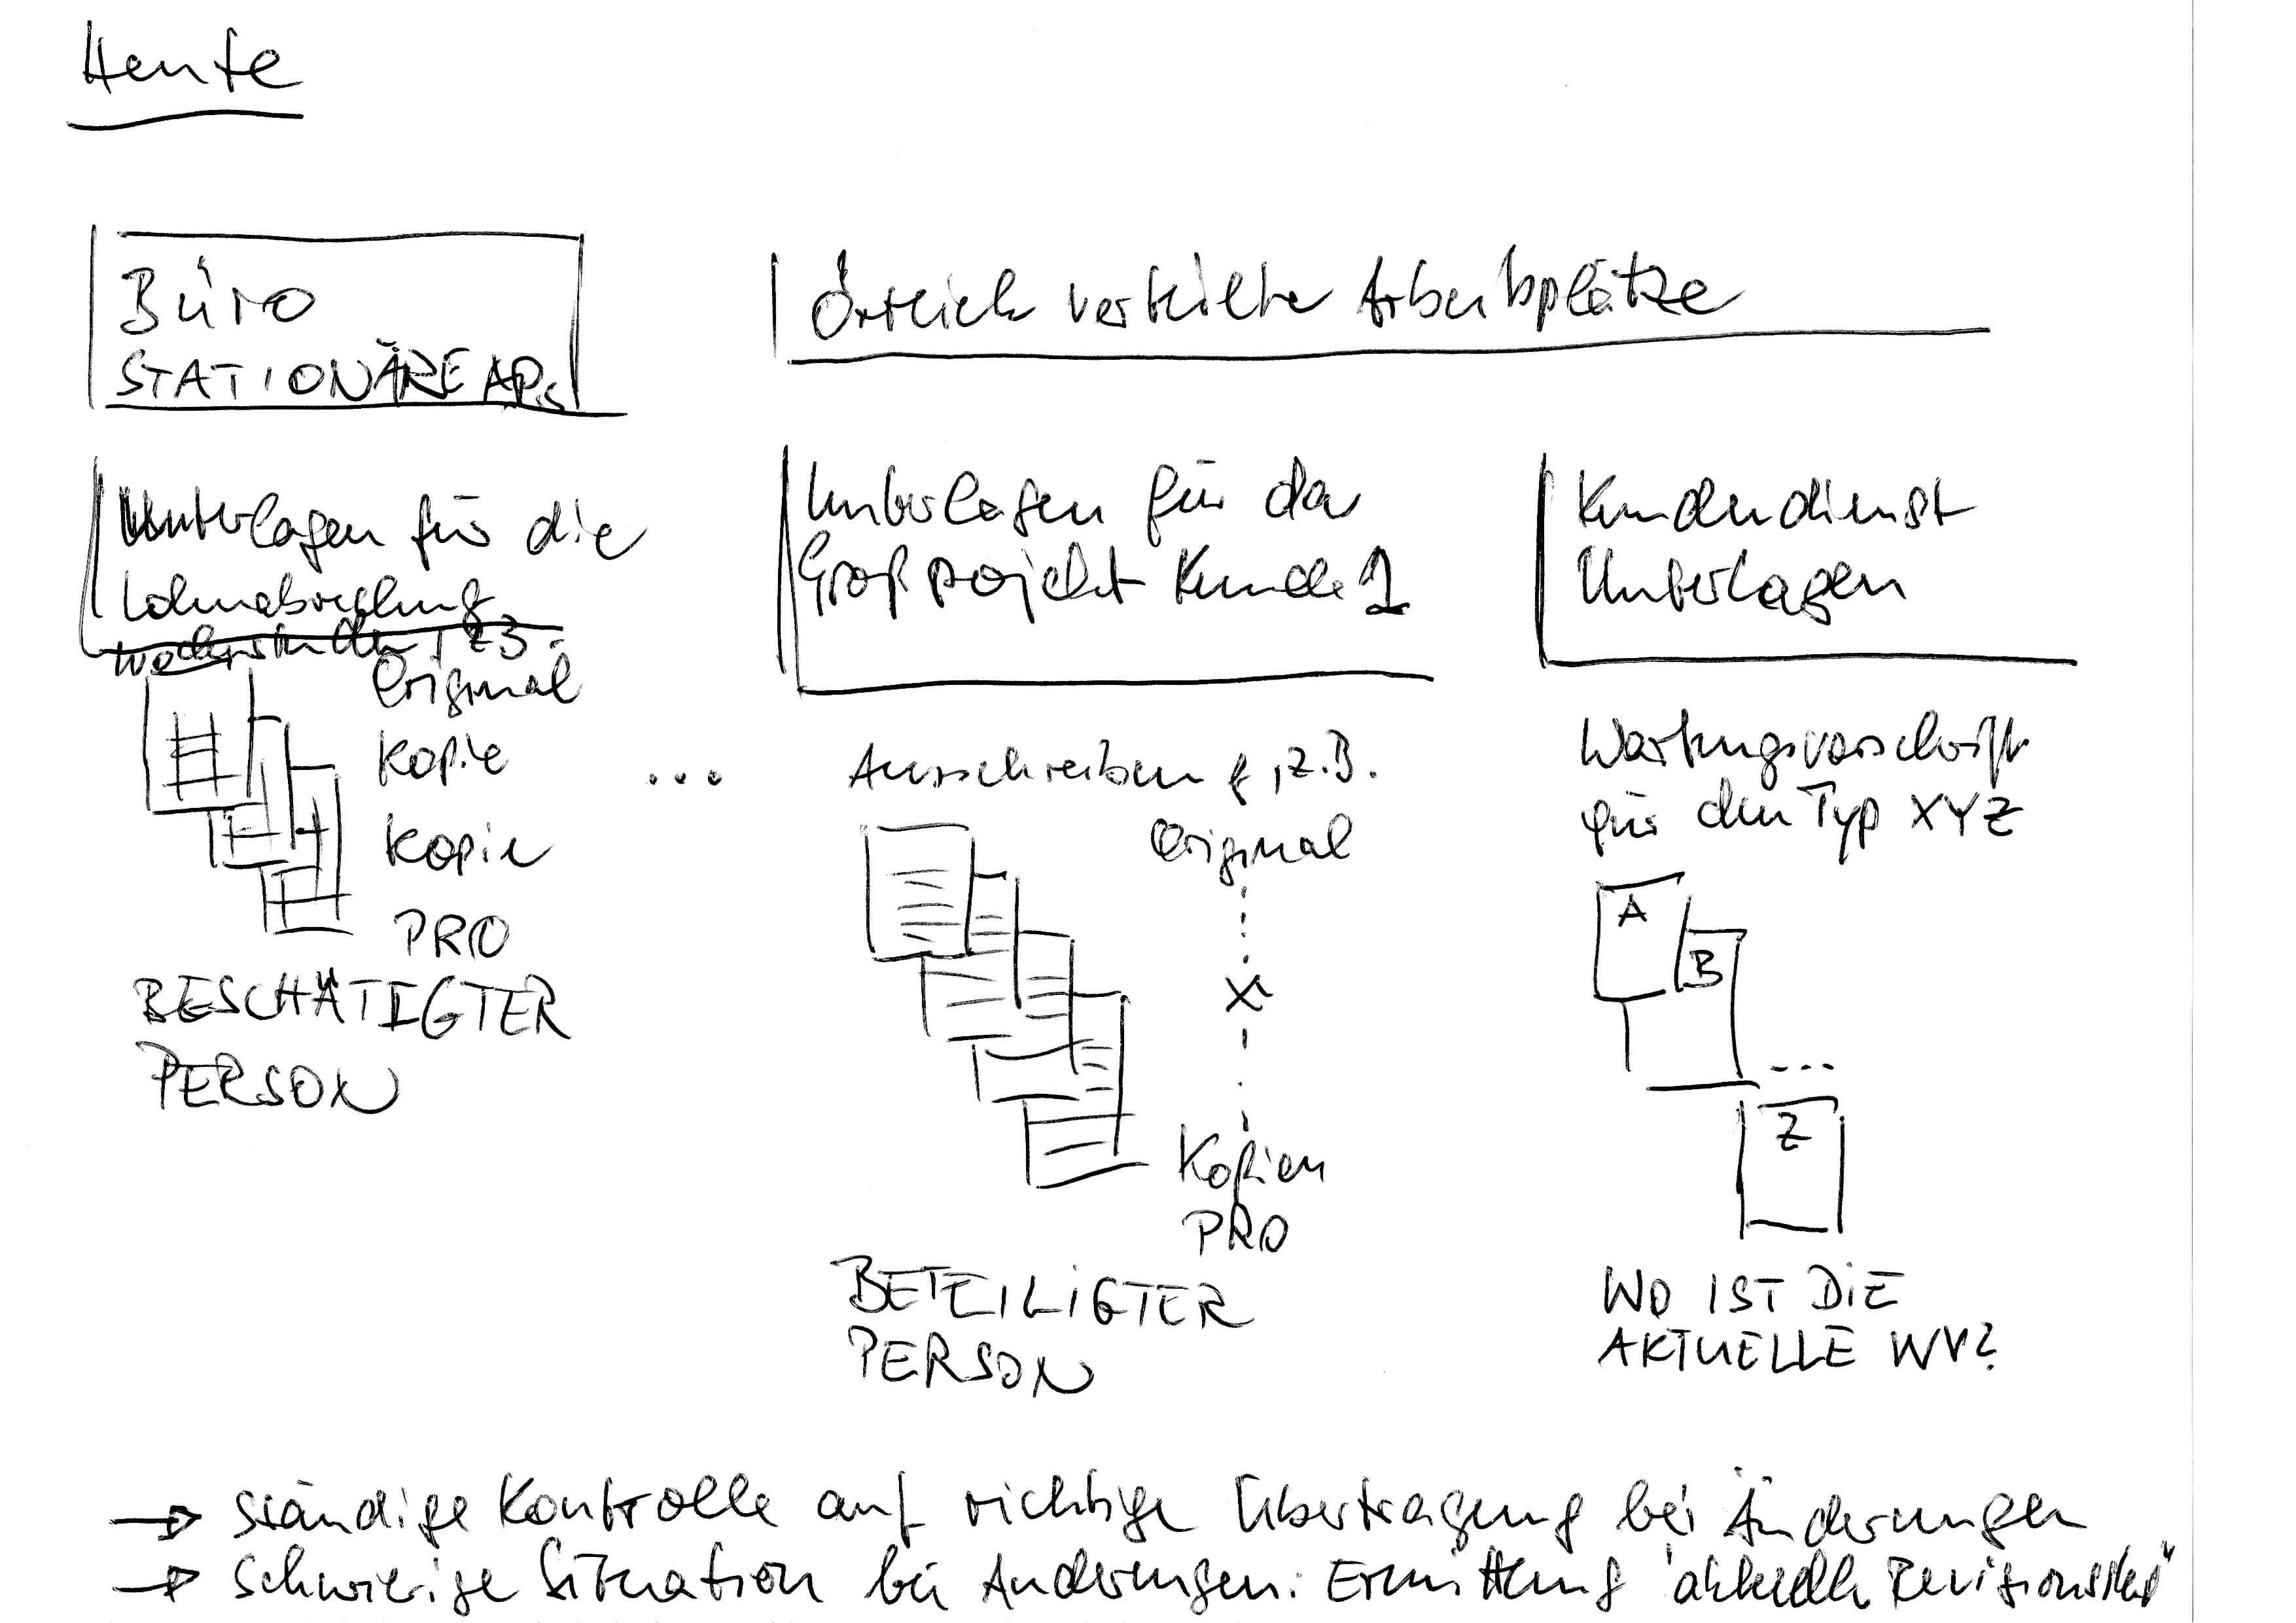 Arbeiten an örtlich verteilten Punkten - Viele Kopien von Informationsmaterial und Entscheidungsvorlagen. Problem der Revisionsstände - © MT MARKETEER - Michael Tönsing, 2019-05